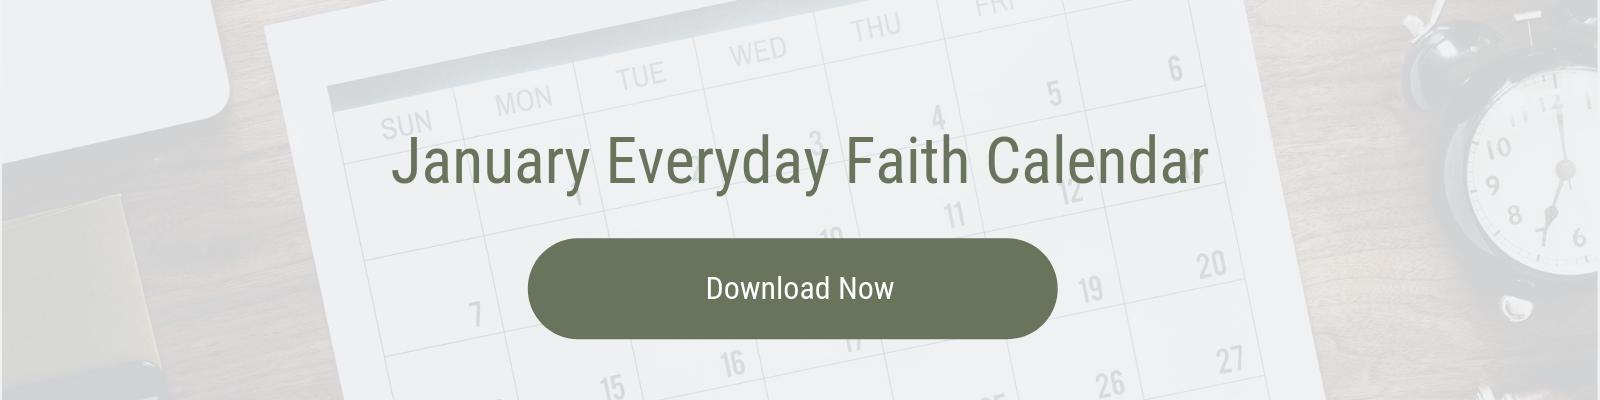 January 2019 Everyday Faith Calendar